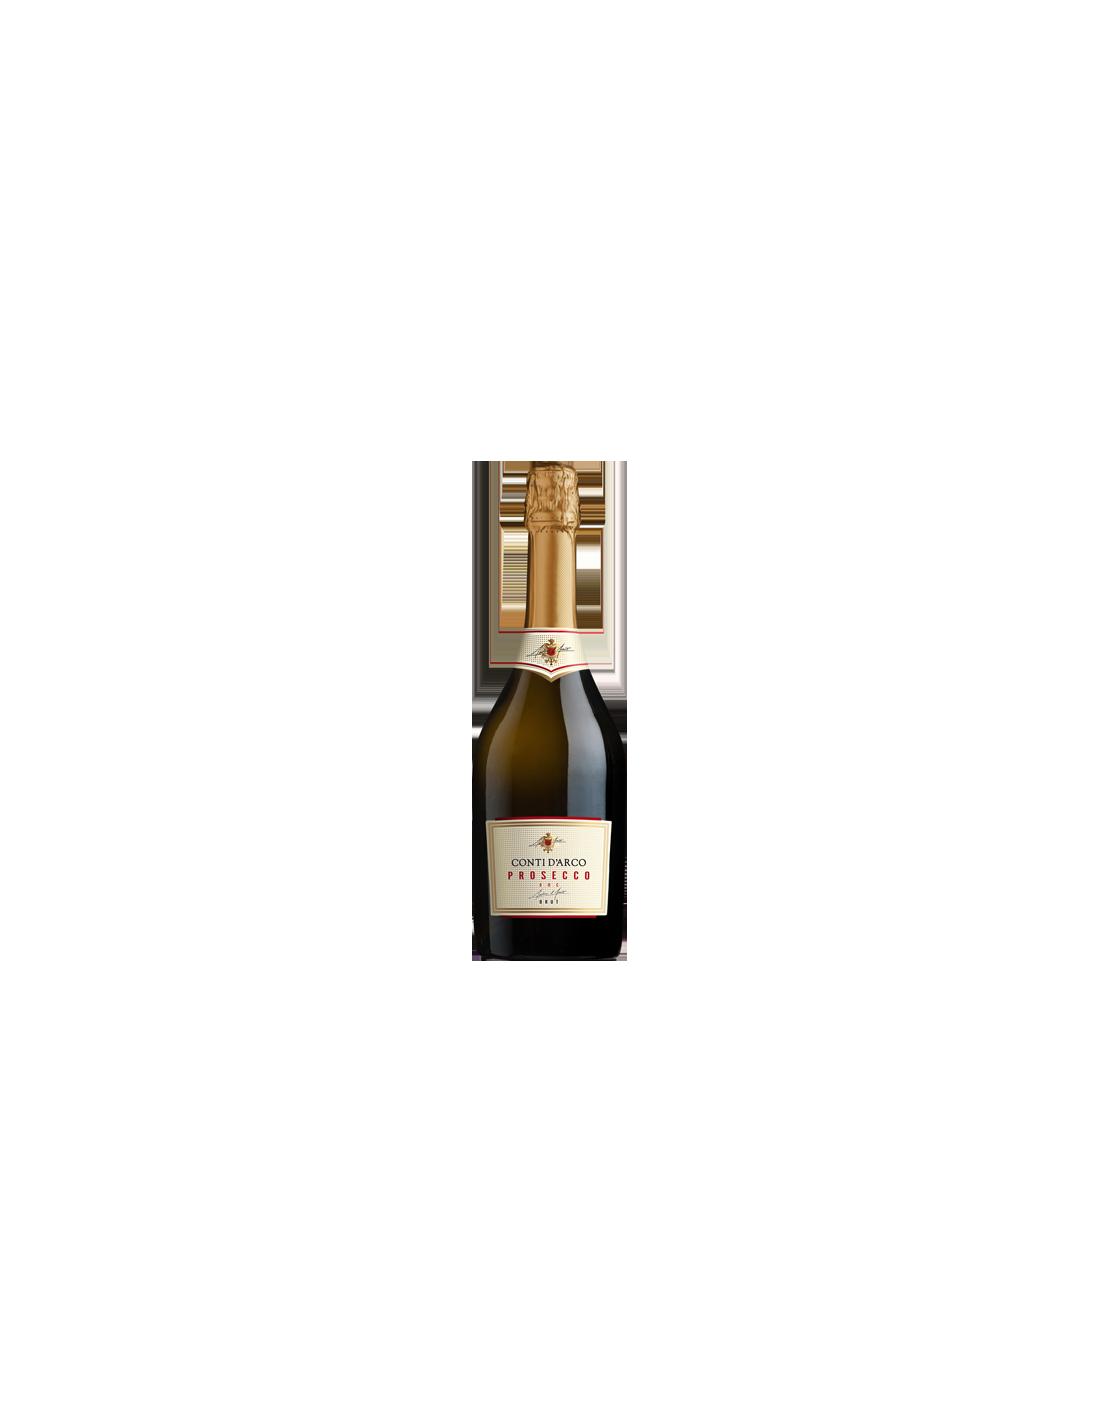 Vin brut prosecco Conti d'Arco, 11% alc., 0.75L, Italia